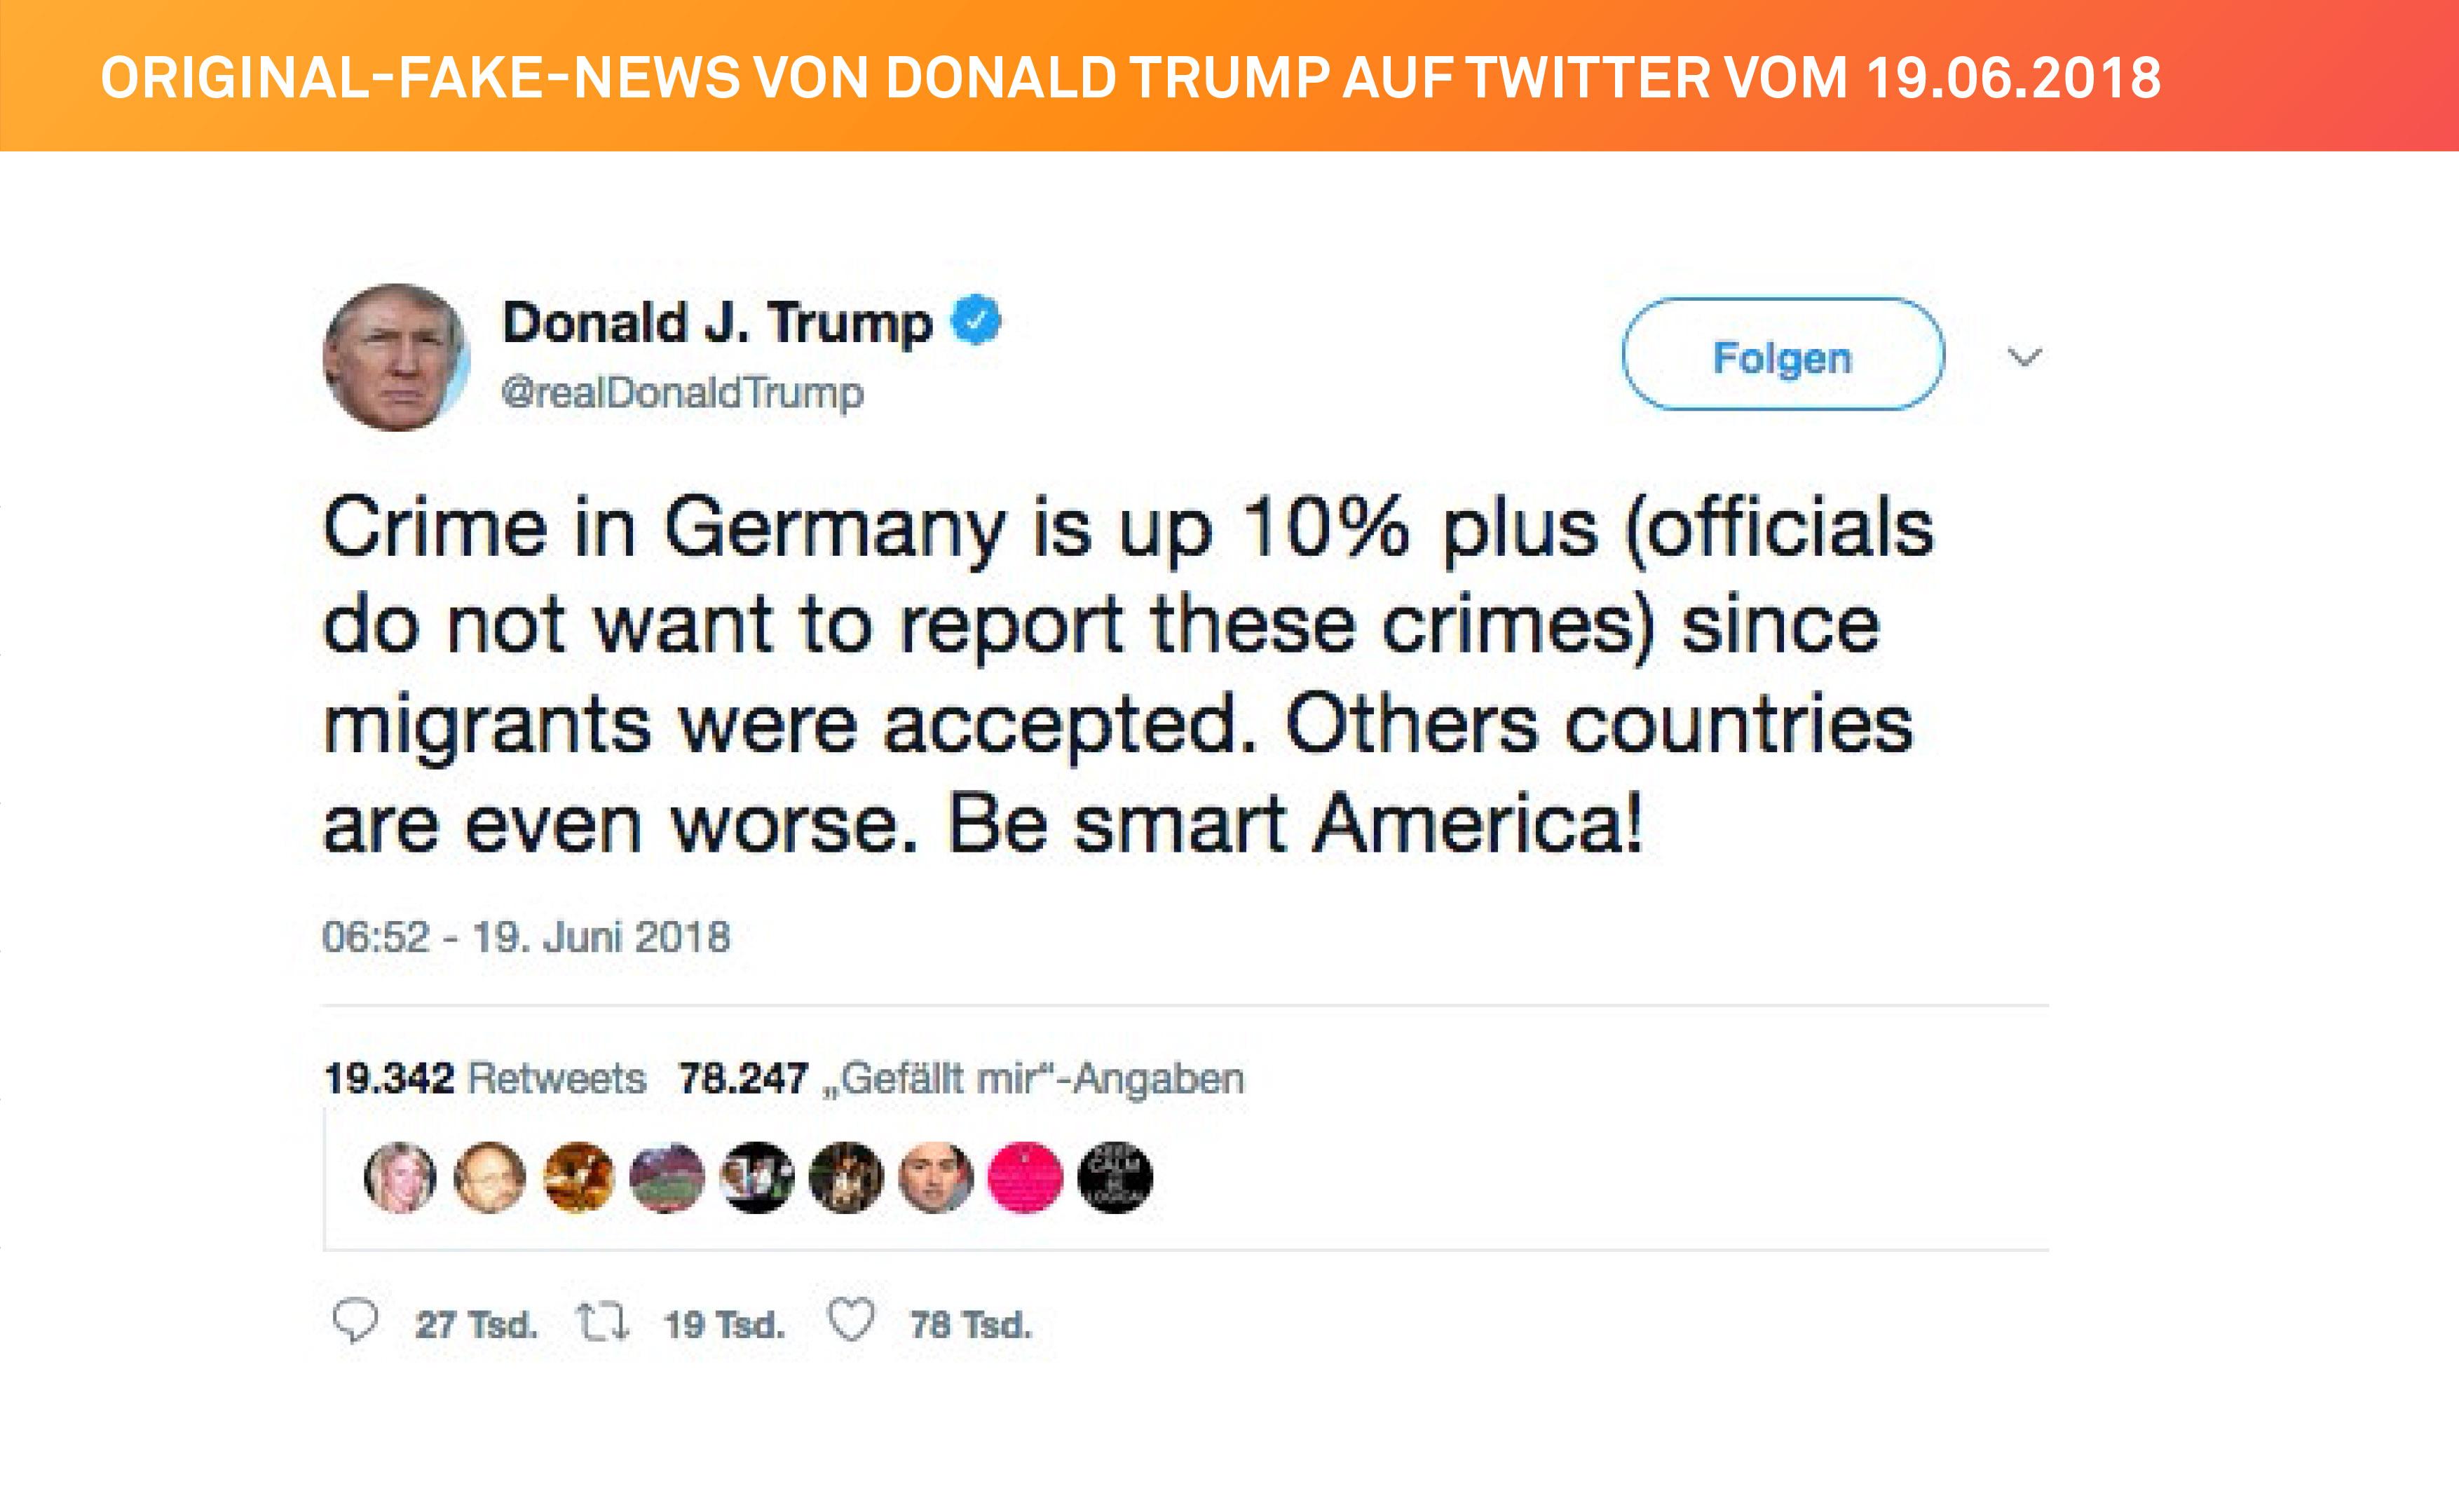 Die Original-Fake-News von Donald Trump auf Twitter